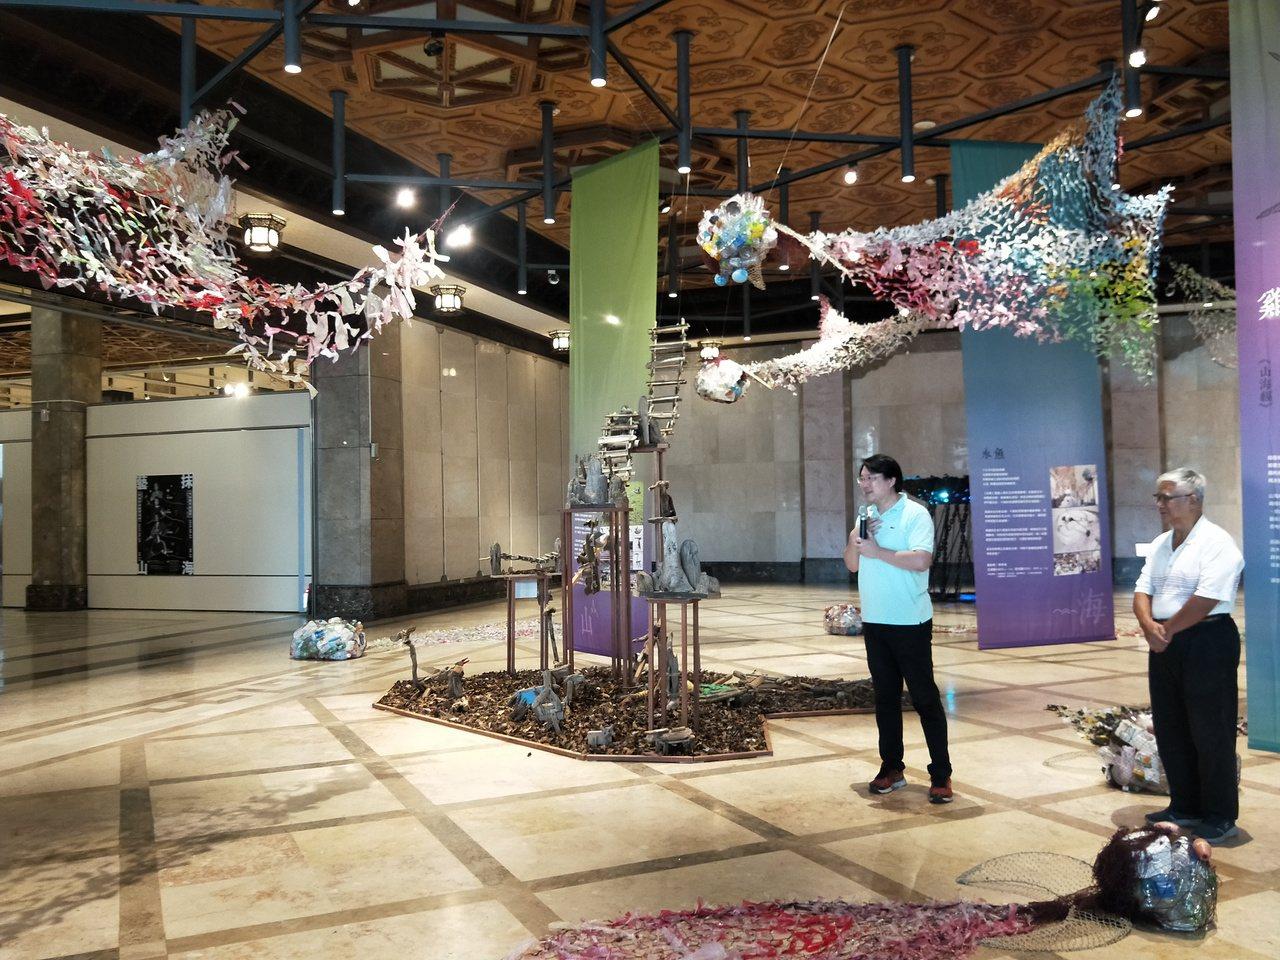 「雞籠山海神獸誌環境藝術教育活動」今天上午在文化中心舉行開幕式,展出由藝術家進入...